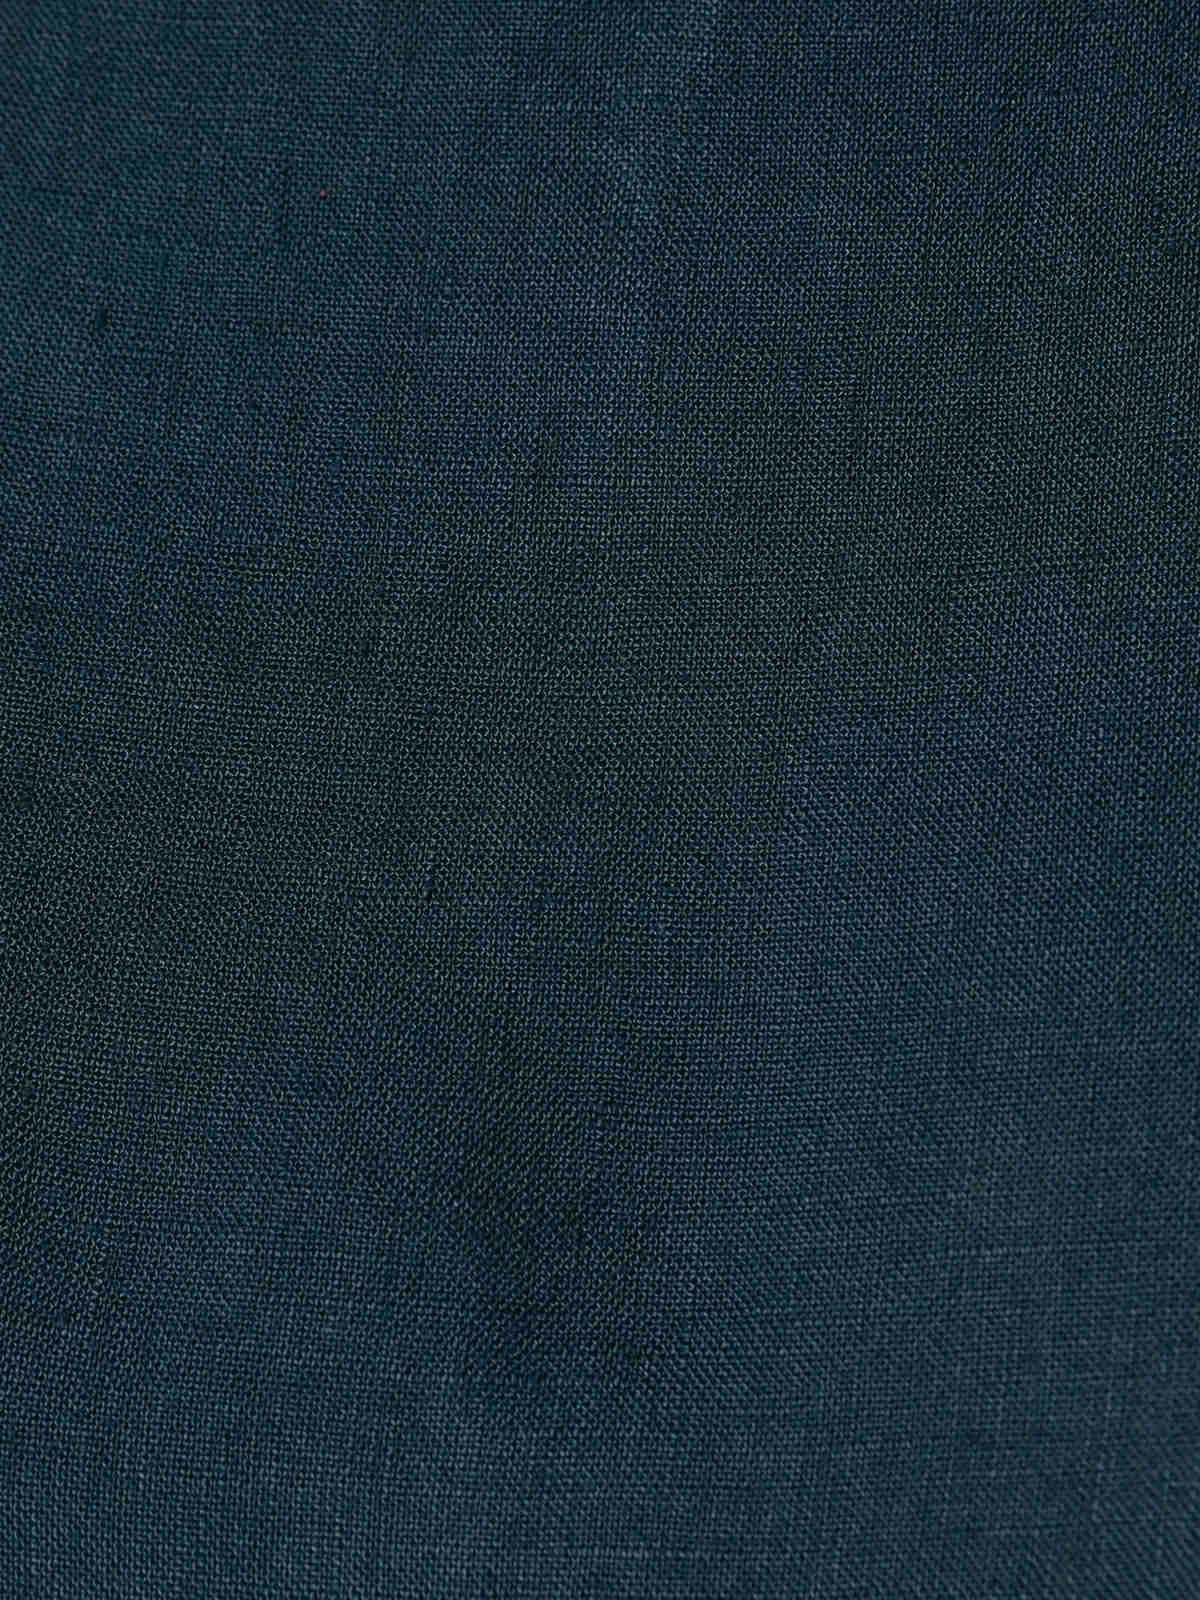 Woman Woman Long sleeve linen dress details azul oscuro